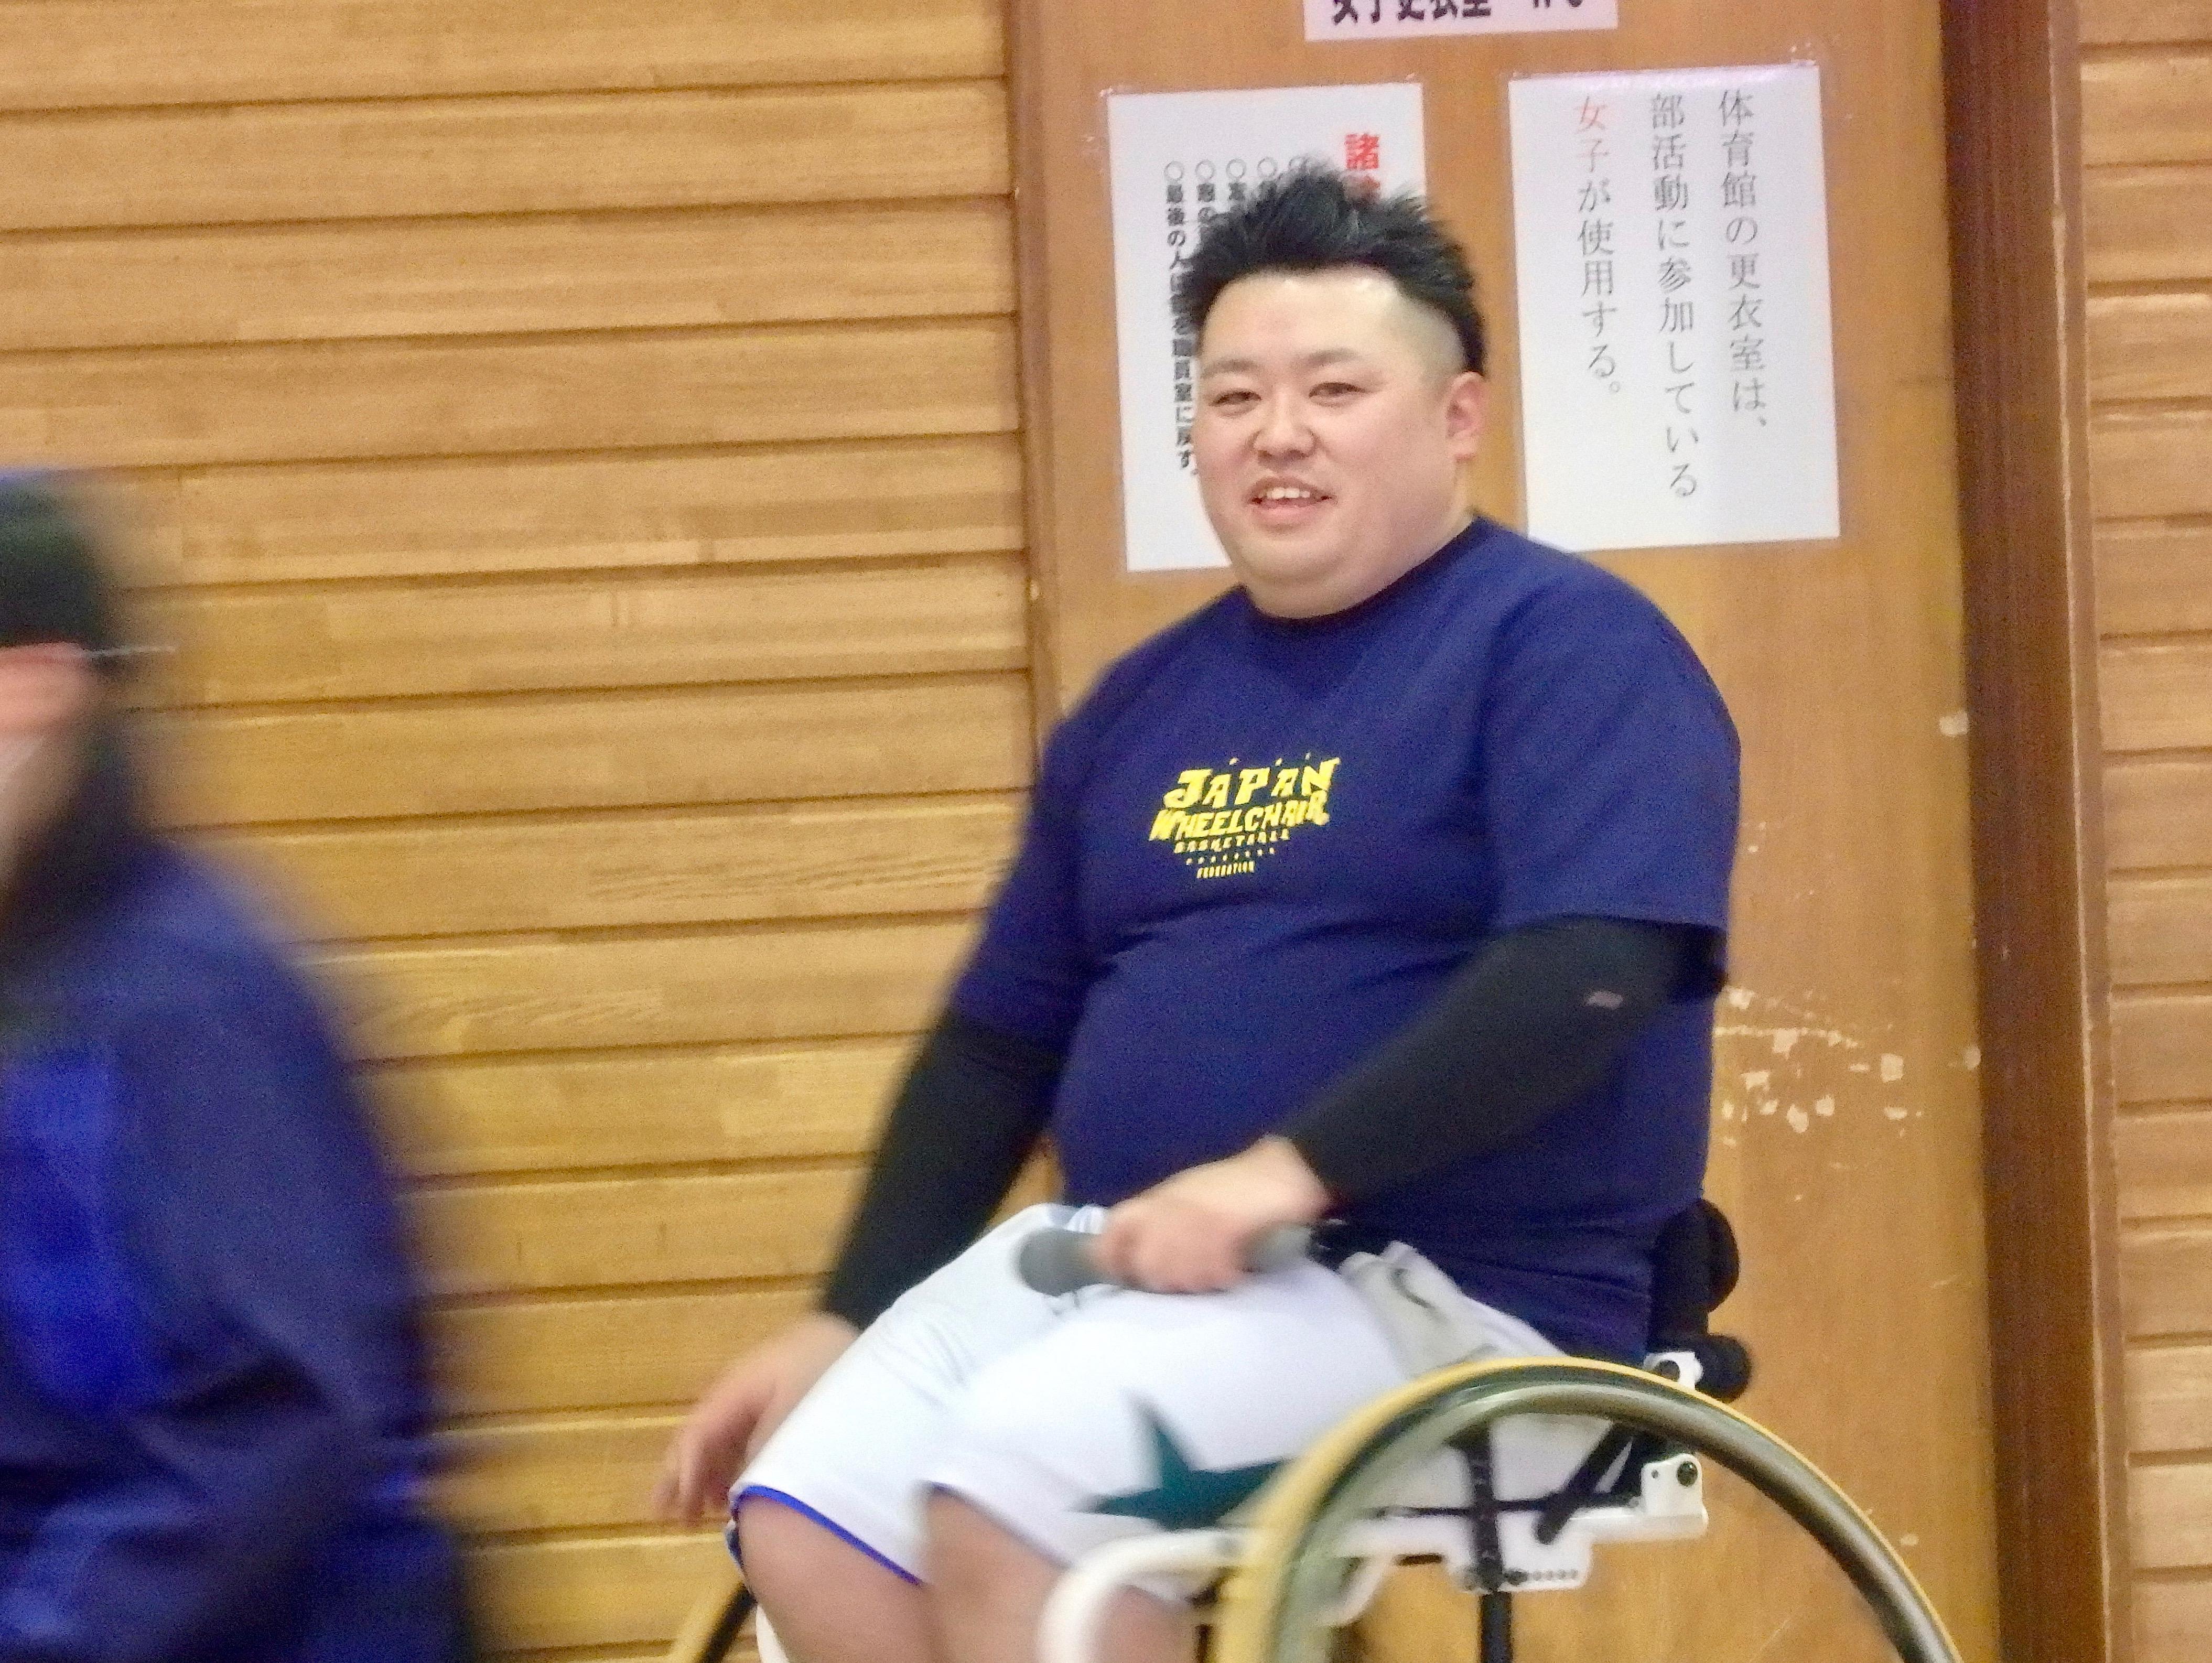 http://news.yoshimoto.co.jp/20170316031607-db970b8f544375288132f78cac9a8720fc60a00b.jpg